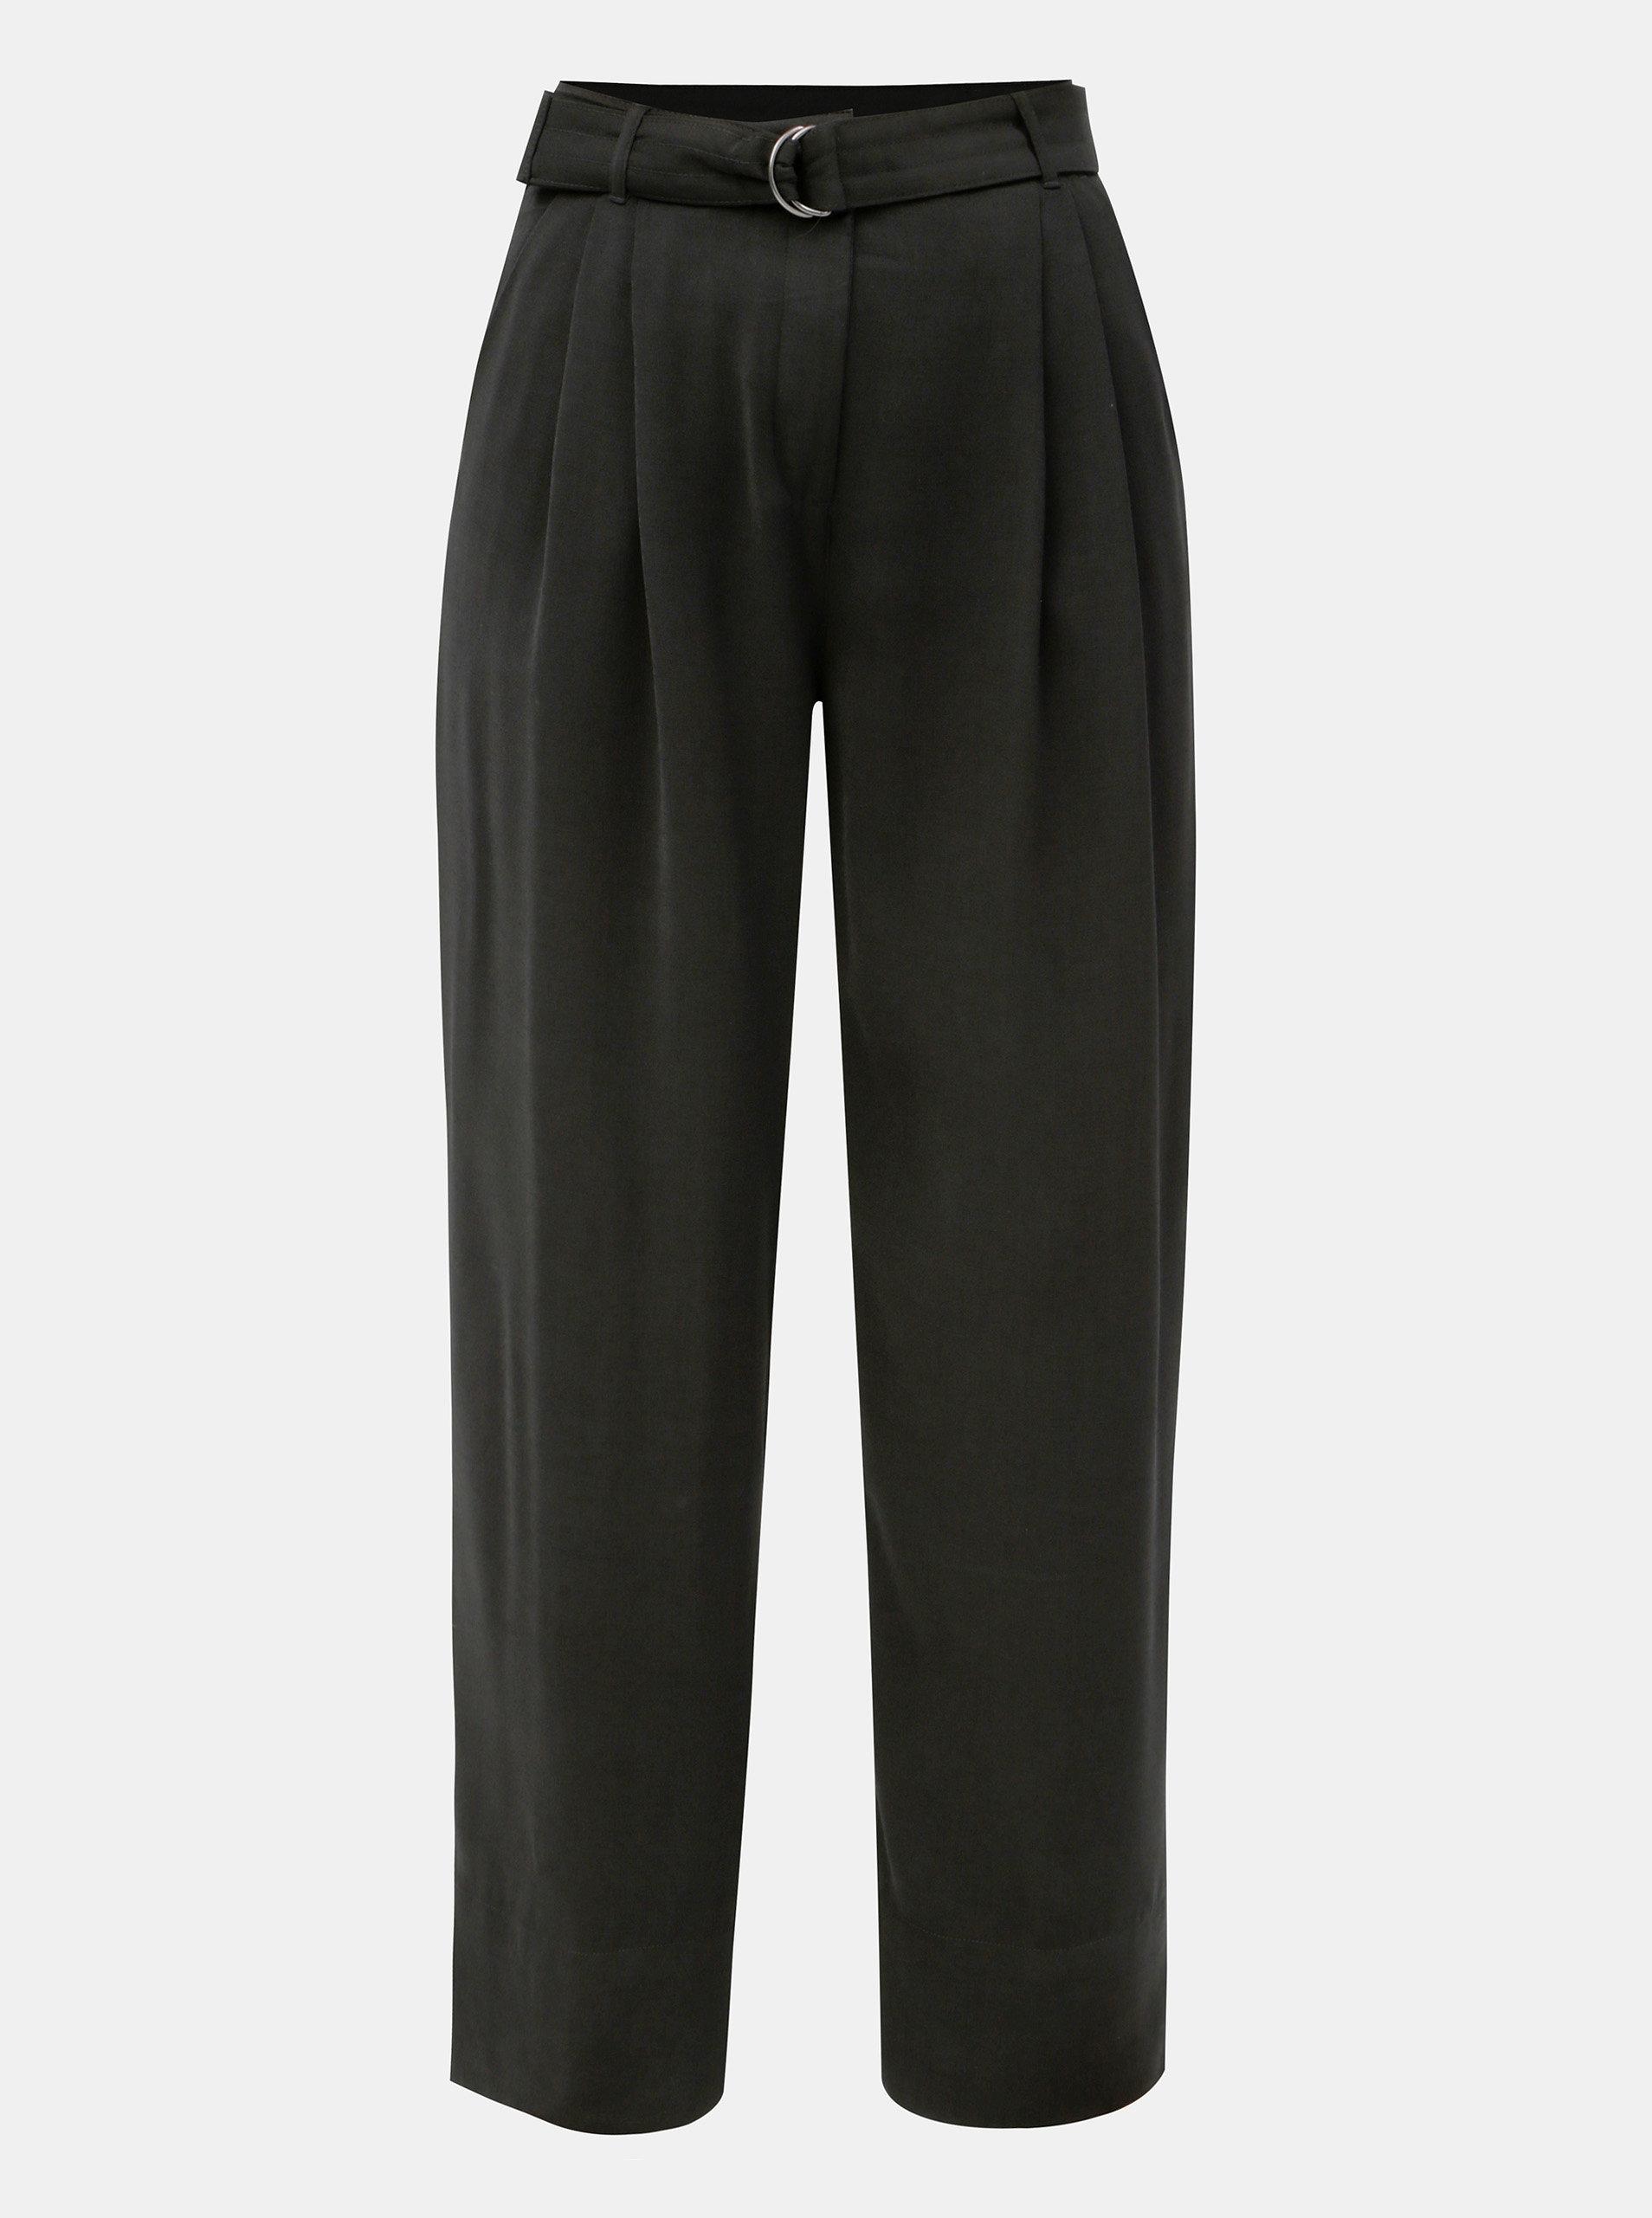 Černé volné kalhoty s vysokým pasem a páskem Jacqueline de Yong Enzo ... acd63756e1